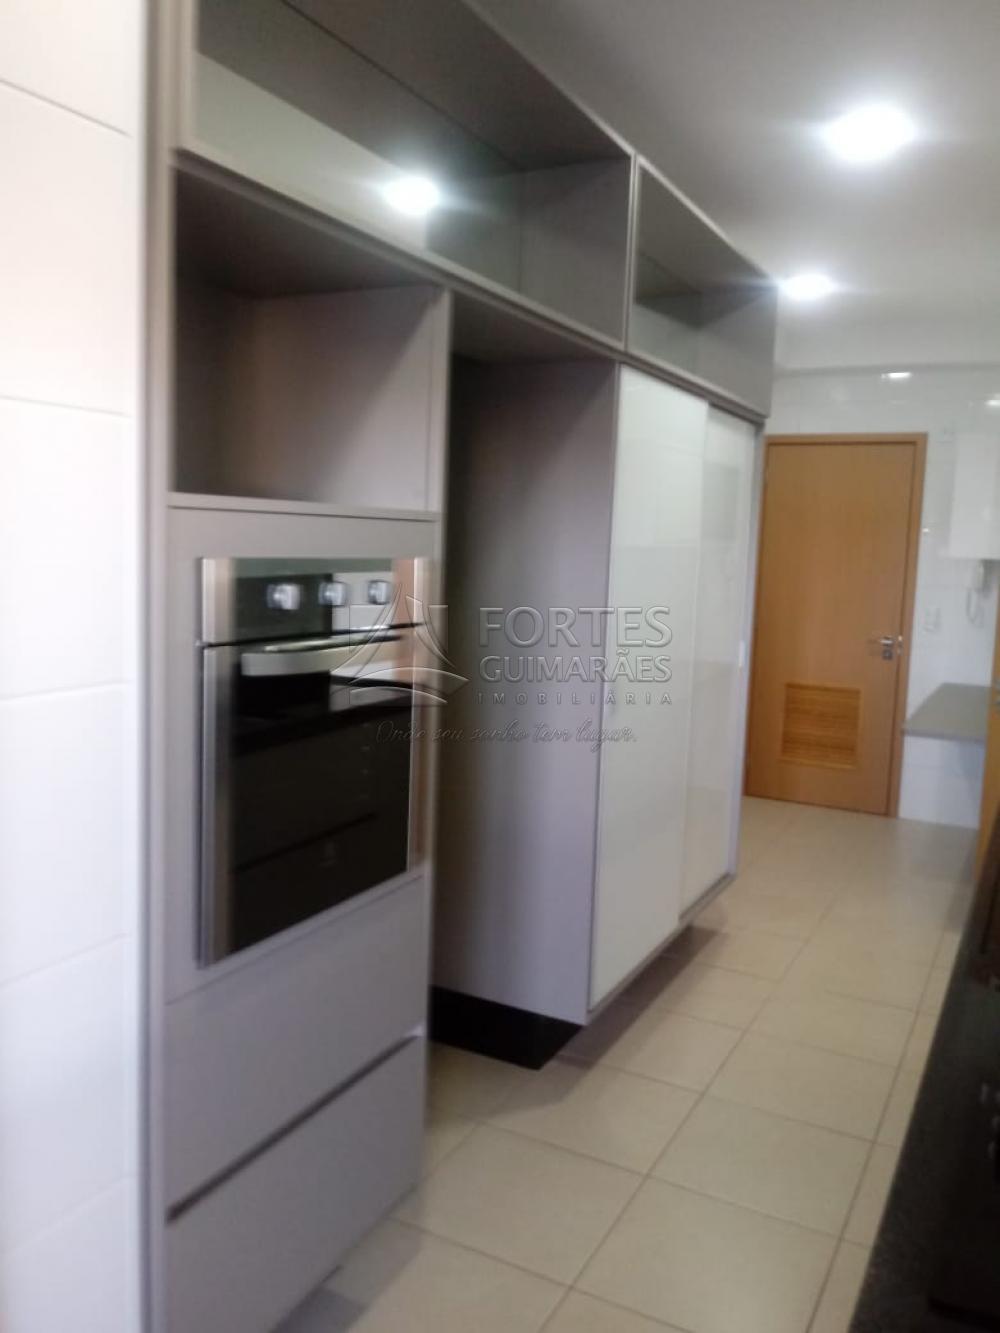 Alugar Apartamentos / Padrão em Ribeirão Preto apenas R$ 3.200,00 - Foto 11